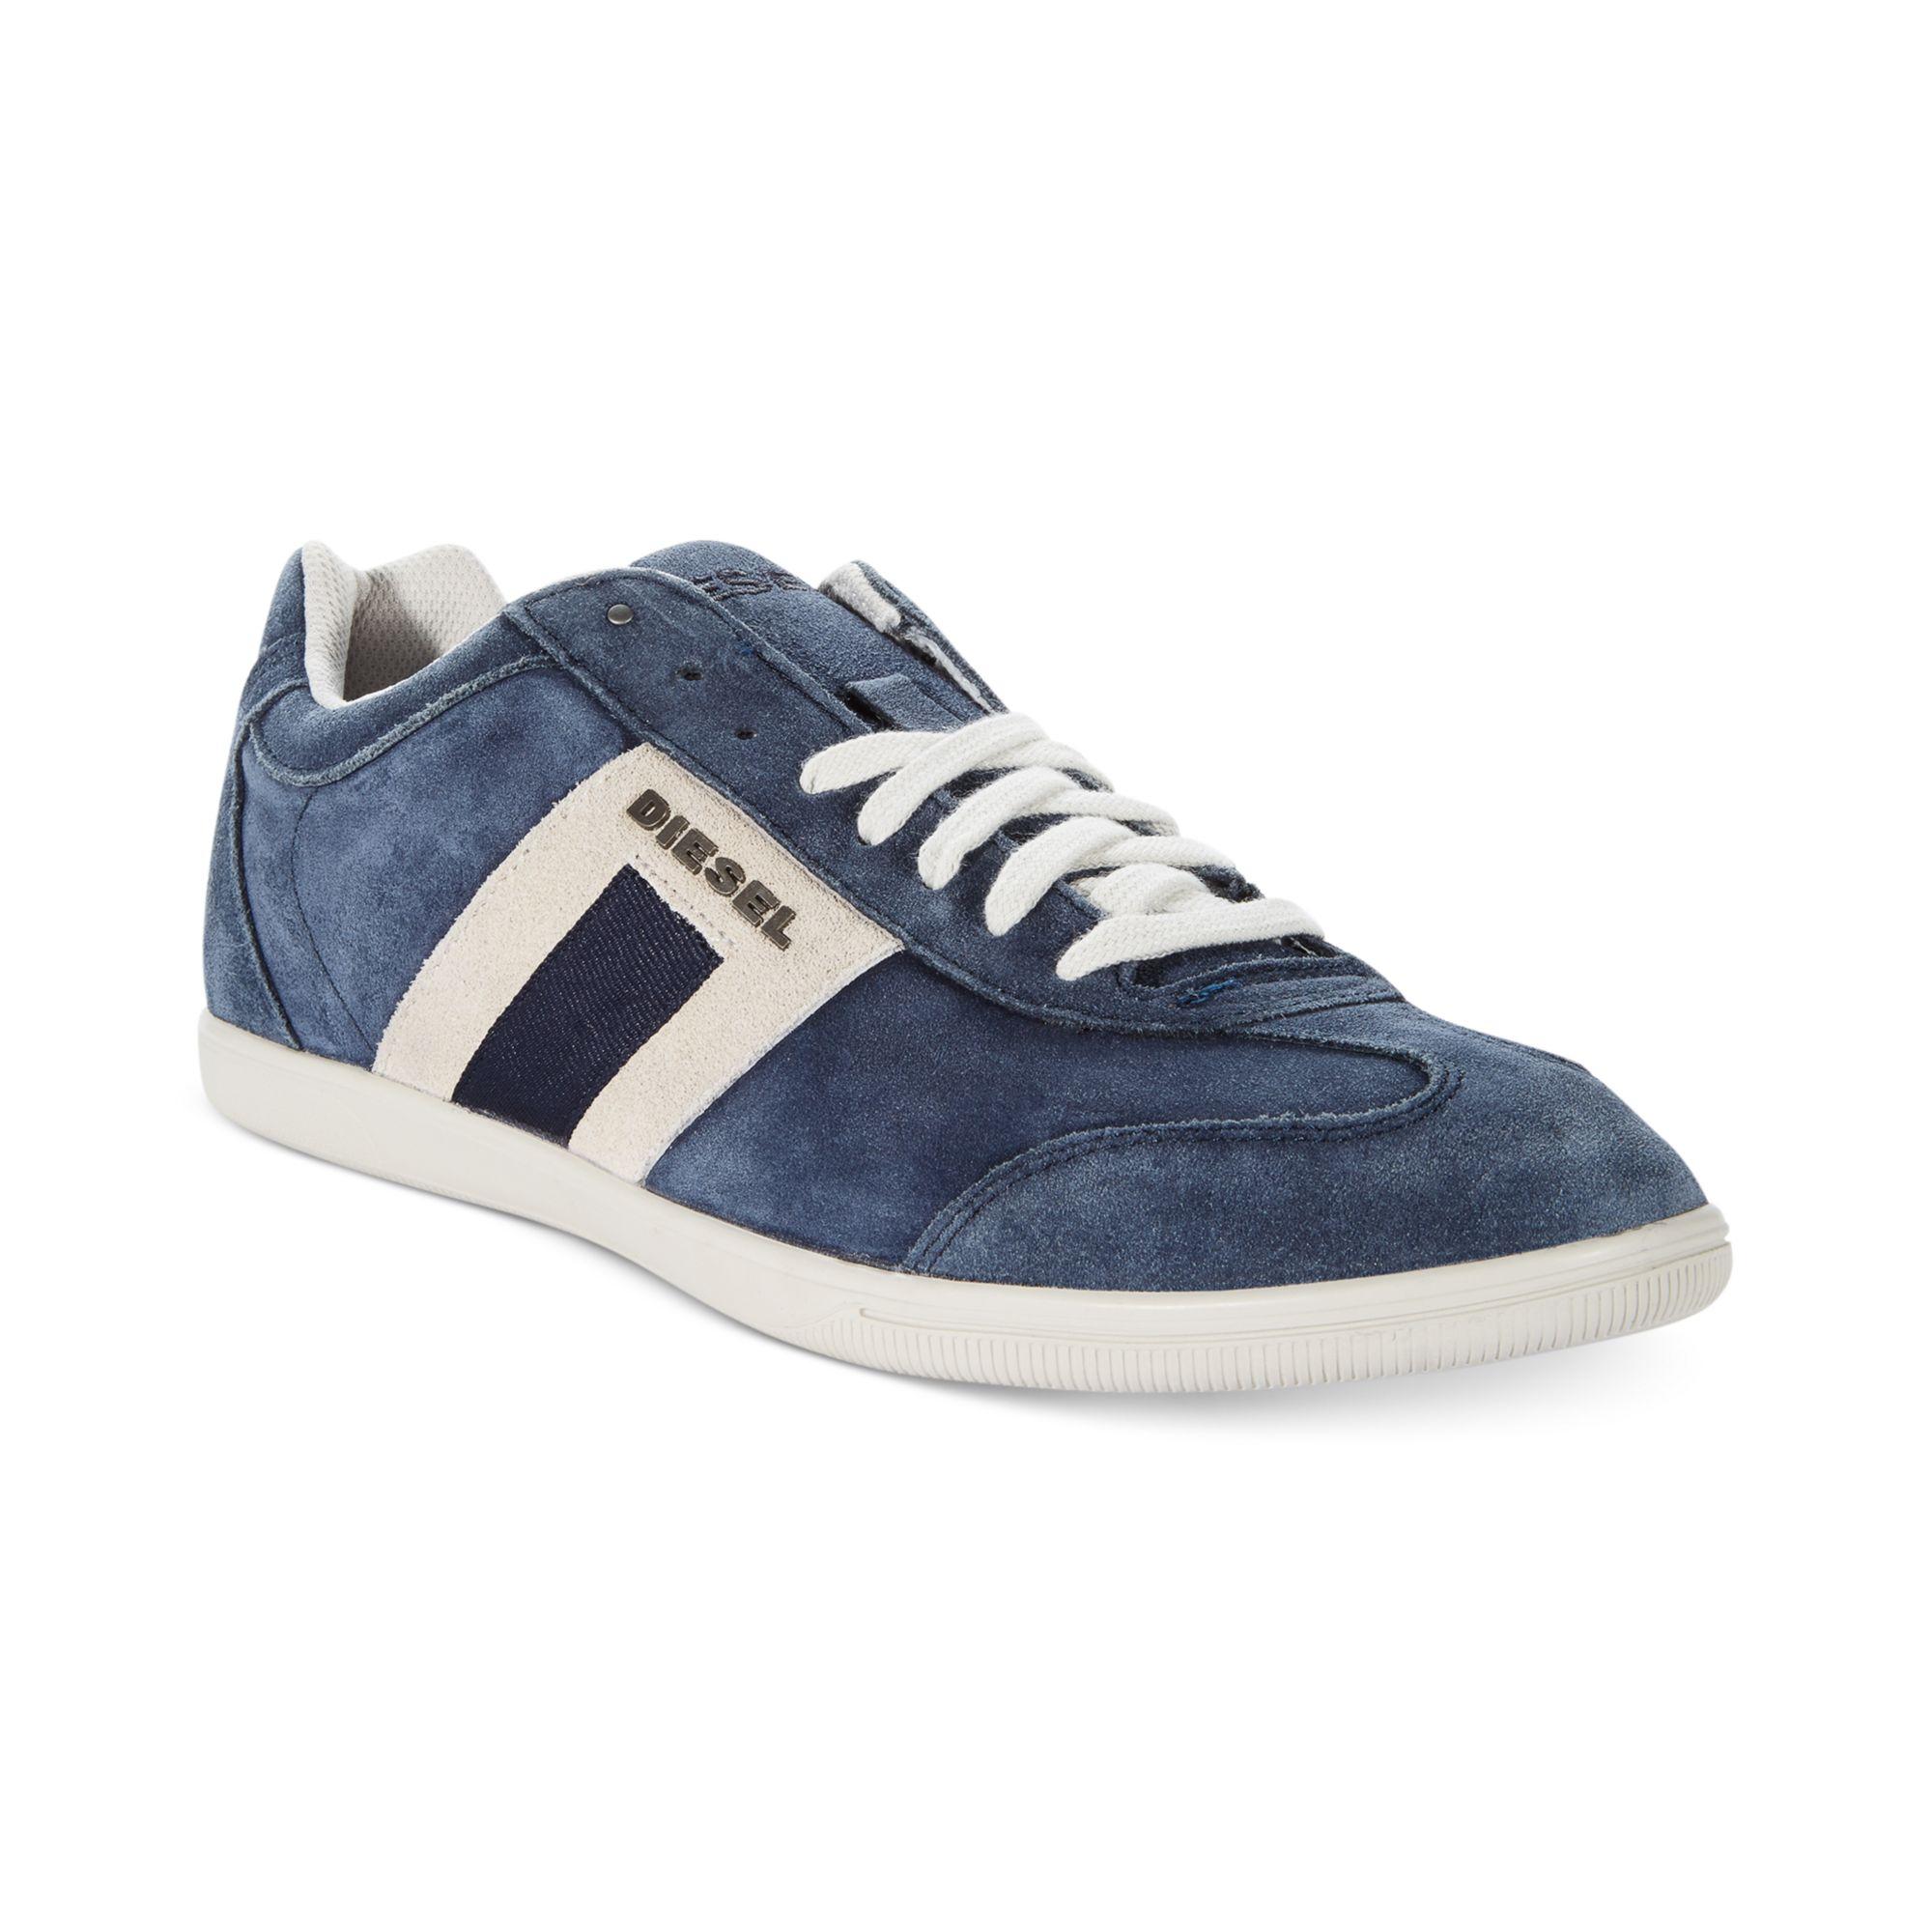 Diesel Shoes Happy Hours Vintagy Lounge Sneakers in Blue ...